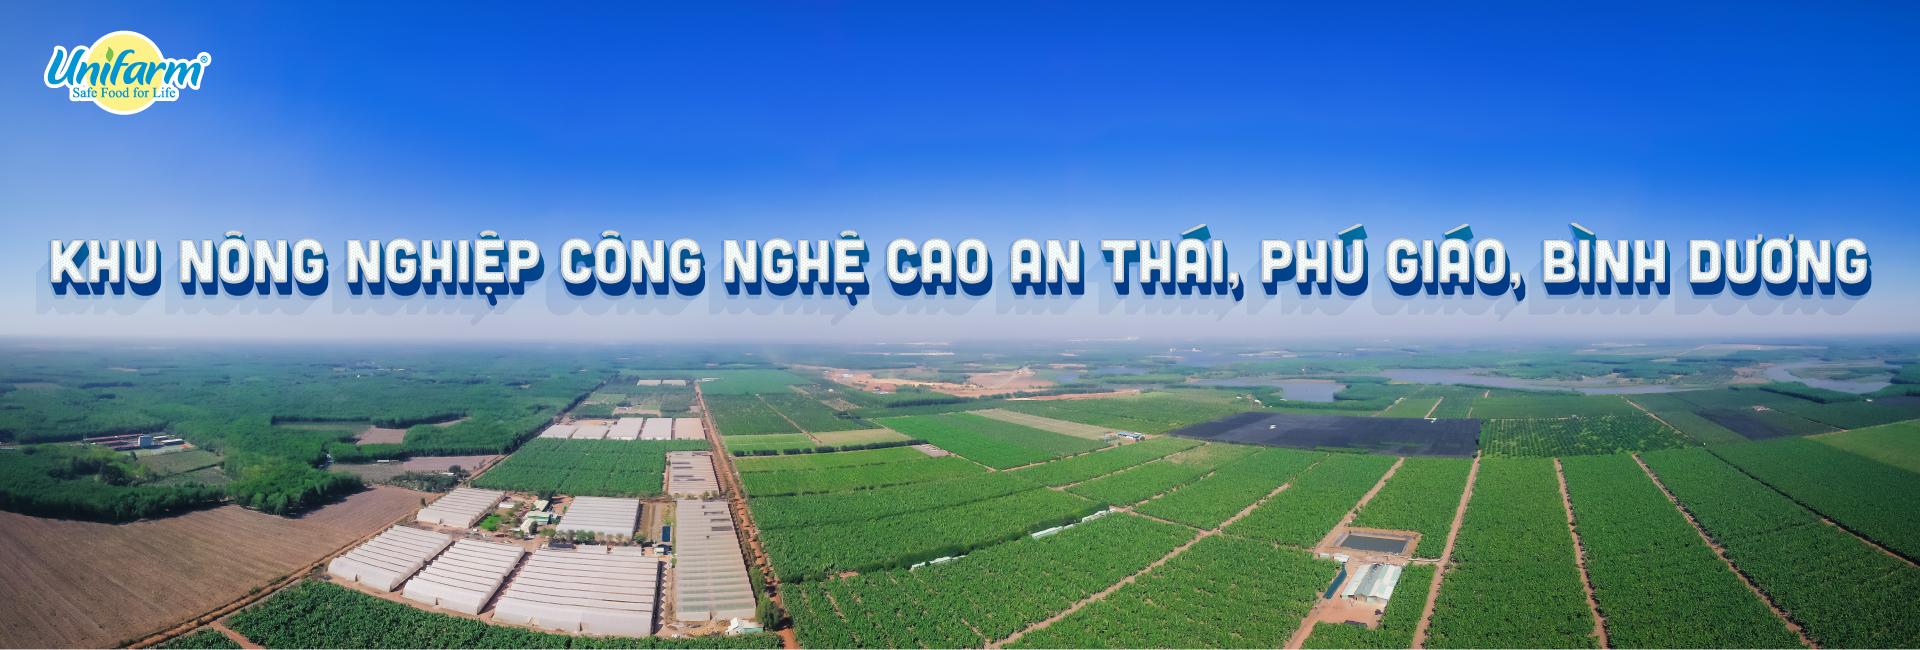 Unifarm – Khu nông nghiệp công nghệ cao An Thái